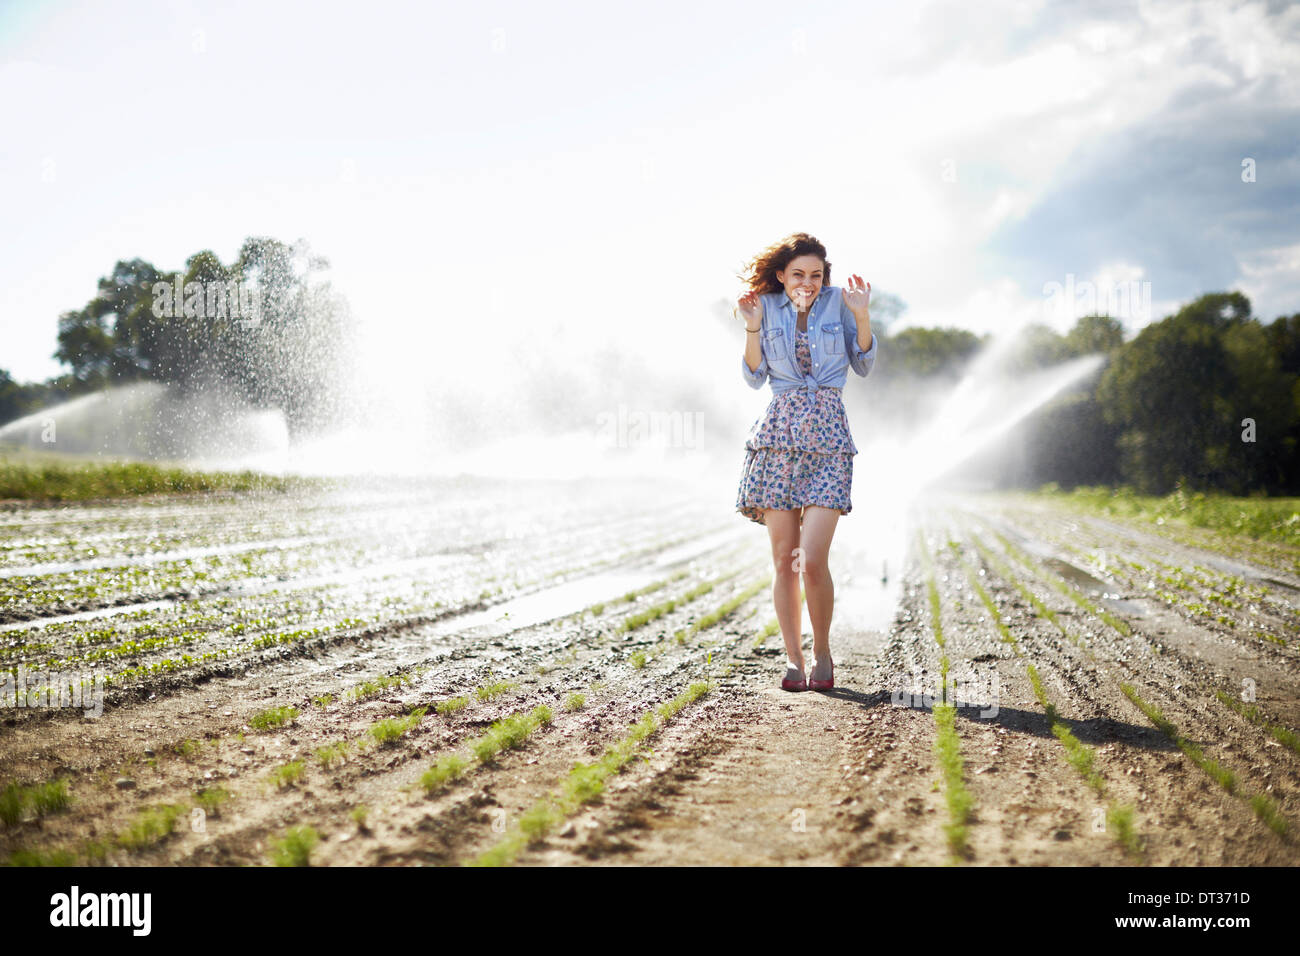 Une jeune femme en veste en jean debout dans un champ de travail sprinkleurs irrigation dans l'arrière-plan Photo Stock